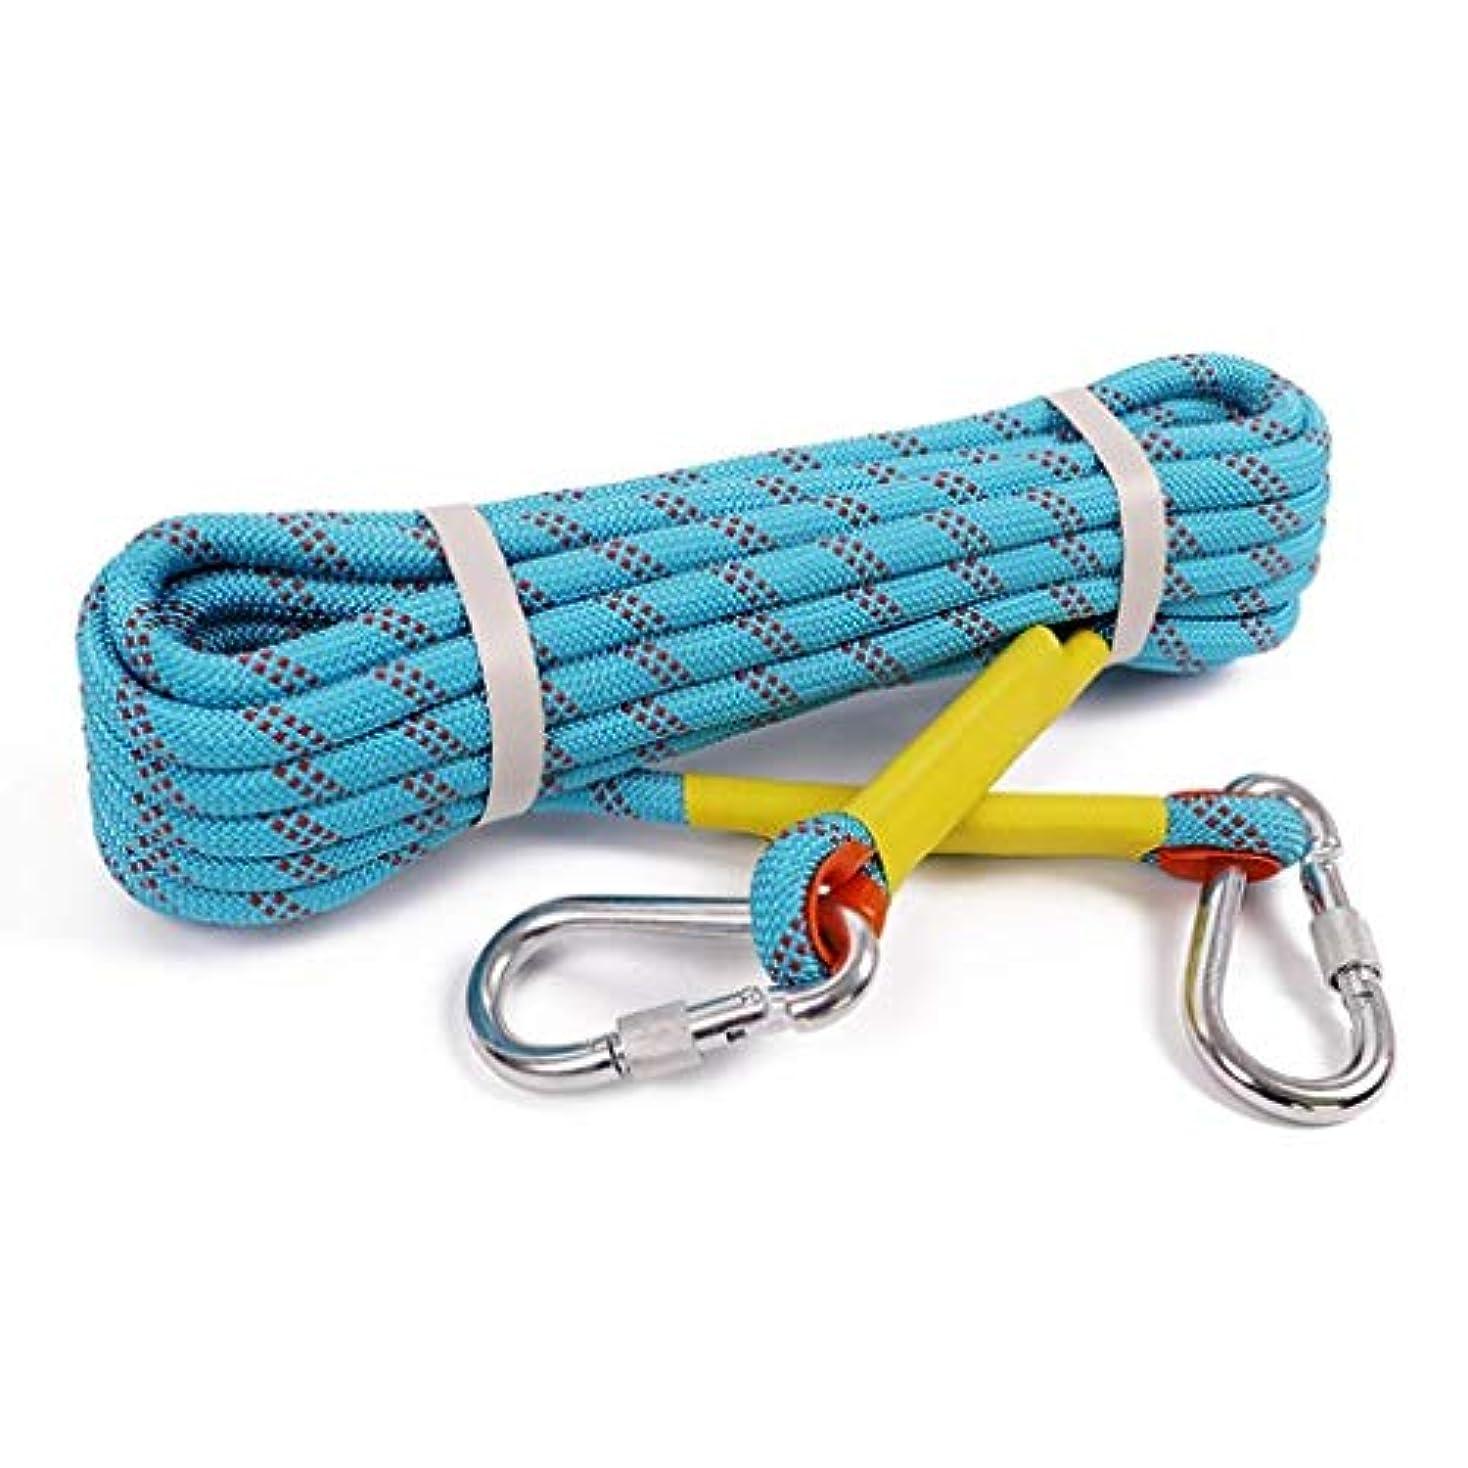 予備寄生虫航空便登山ロープの家の火の緊急脱出ロープ、ハイキングの洞窟探検のキャンプの救助調査および工学保護のための多機能のコードの安全ロープ。 (Color : 青, Size : 10m*8mm)